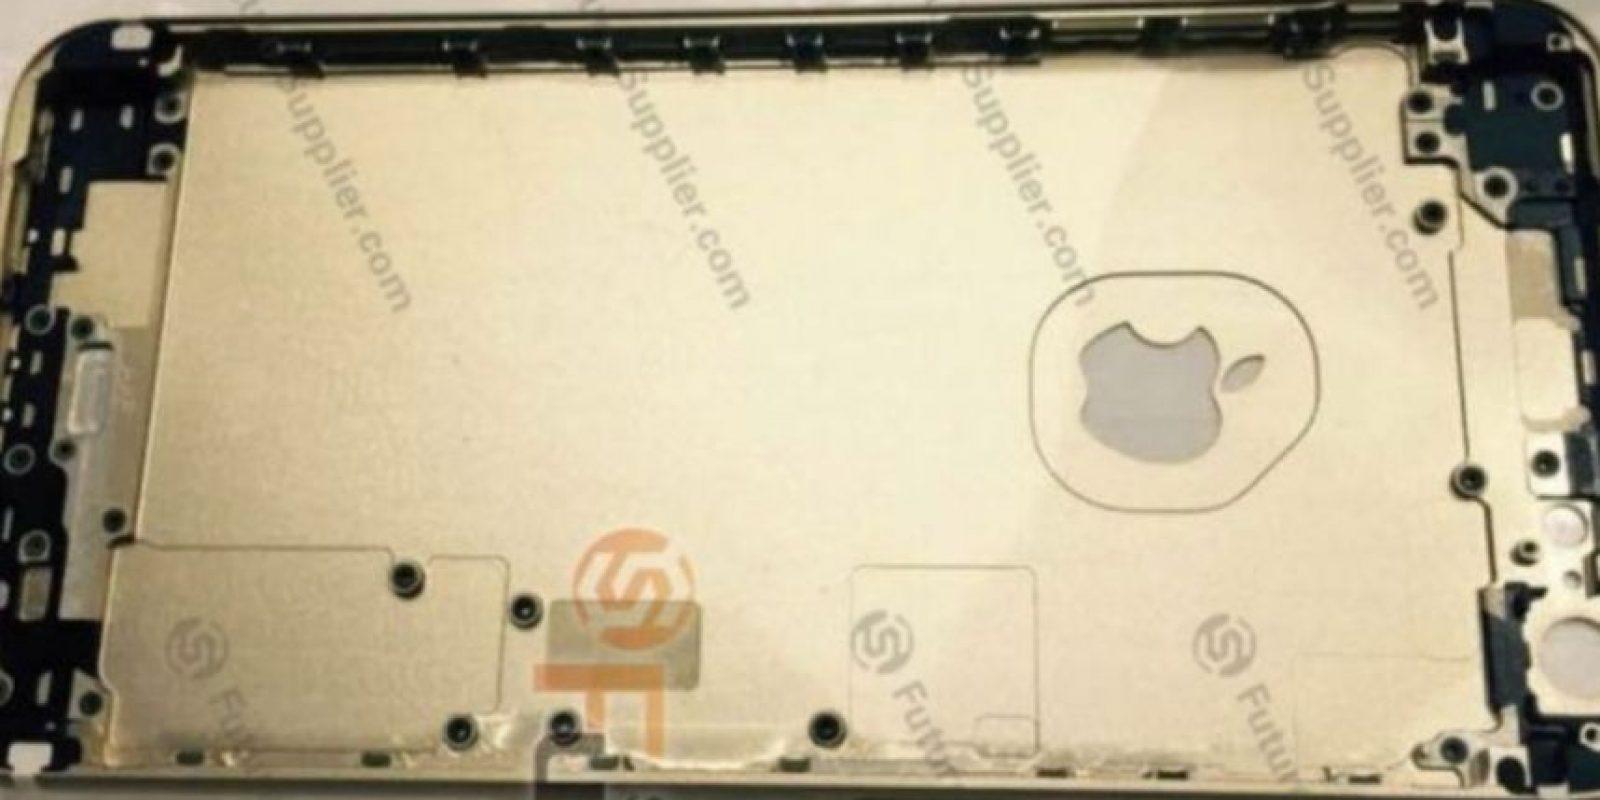 Se trata de un material que es más sensible a la presión y que se ha utilizado en las MacBook, aunque todavía en ningún iPhone. Esta característica activaría funciones y acciones en el dispositivo de acuerdo al nivel de presión que ejerza el usuario. Foto:Tumblr